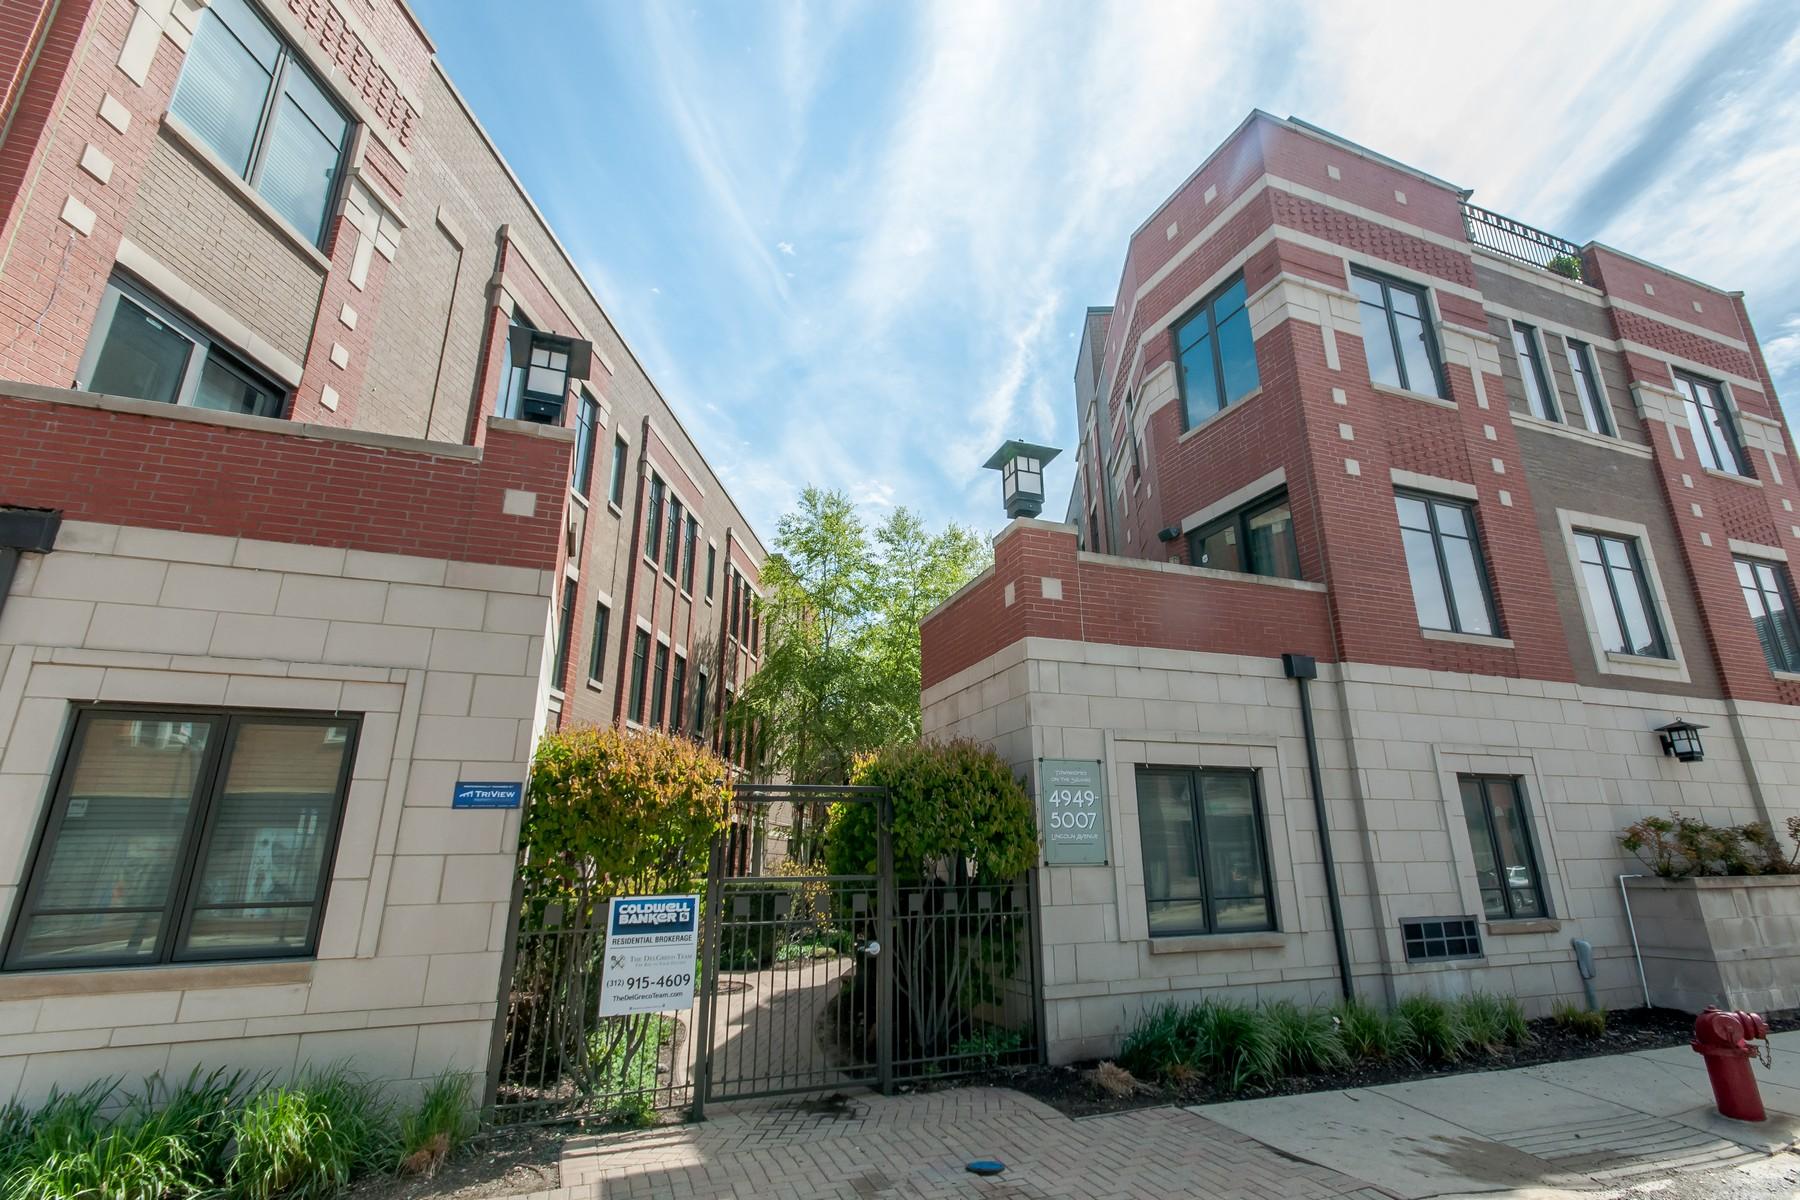 타운하우스 용 매매 에 Townhomes on the Square 4949 N Lincoln Avenue Unit 1 Lincoln Square, Chicago, 일리노이즈, 60625 미국